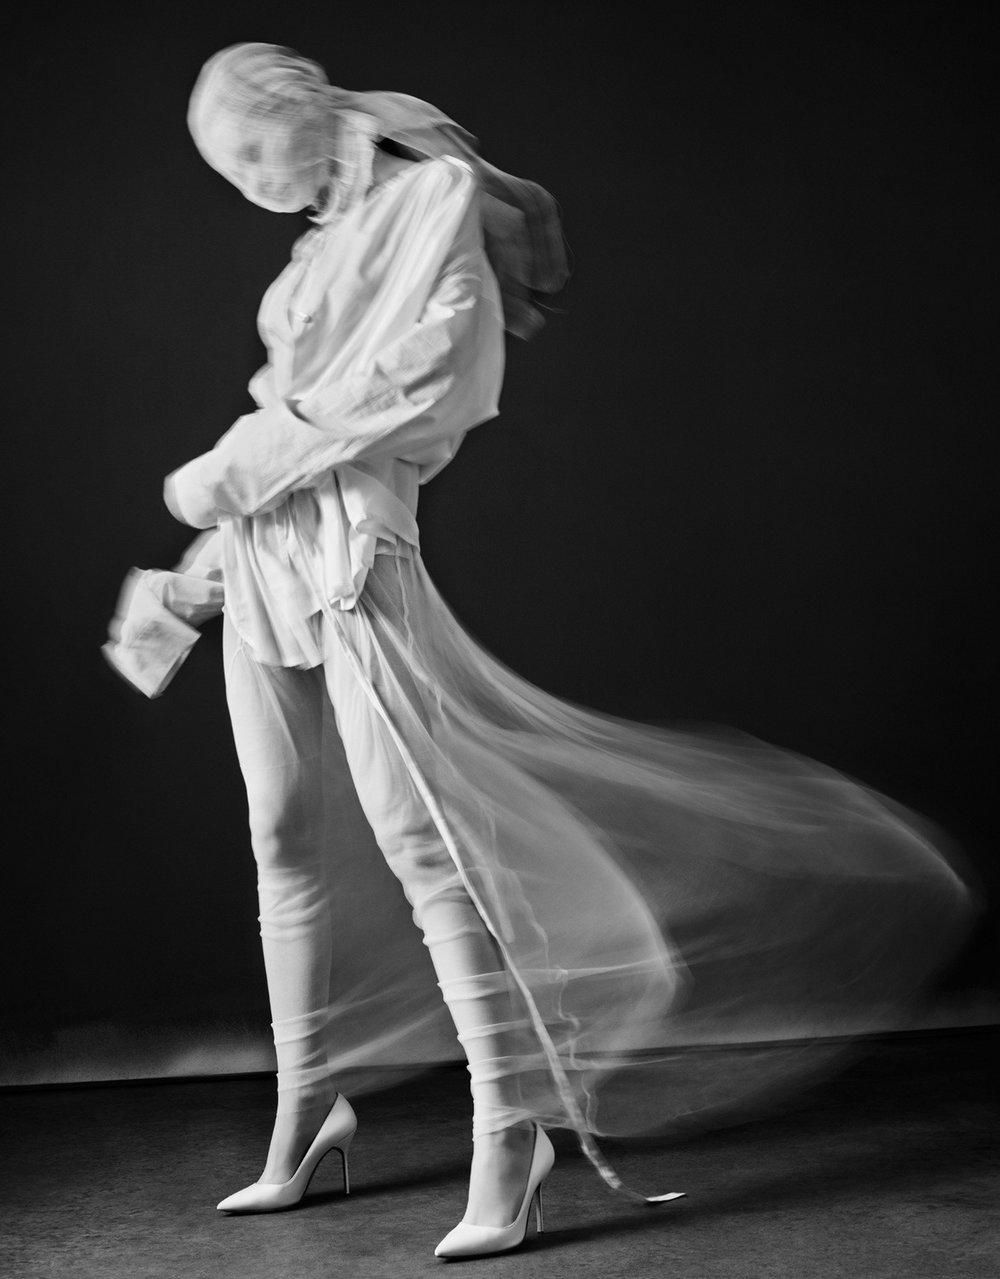 Kris Grikaite by Solve Sundsbo for Vogue China Jan 2019 (5).jpg